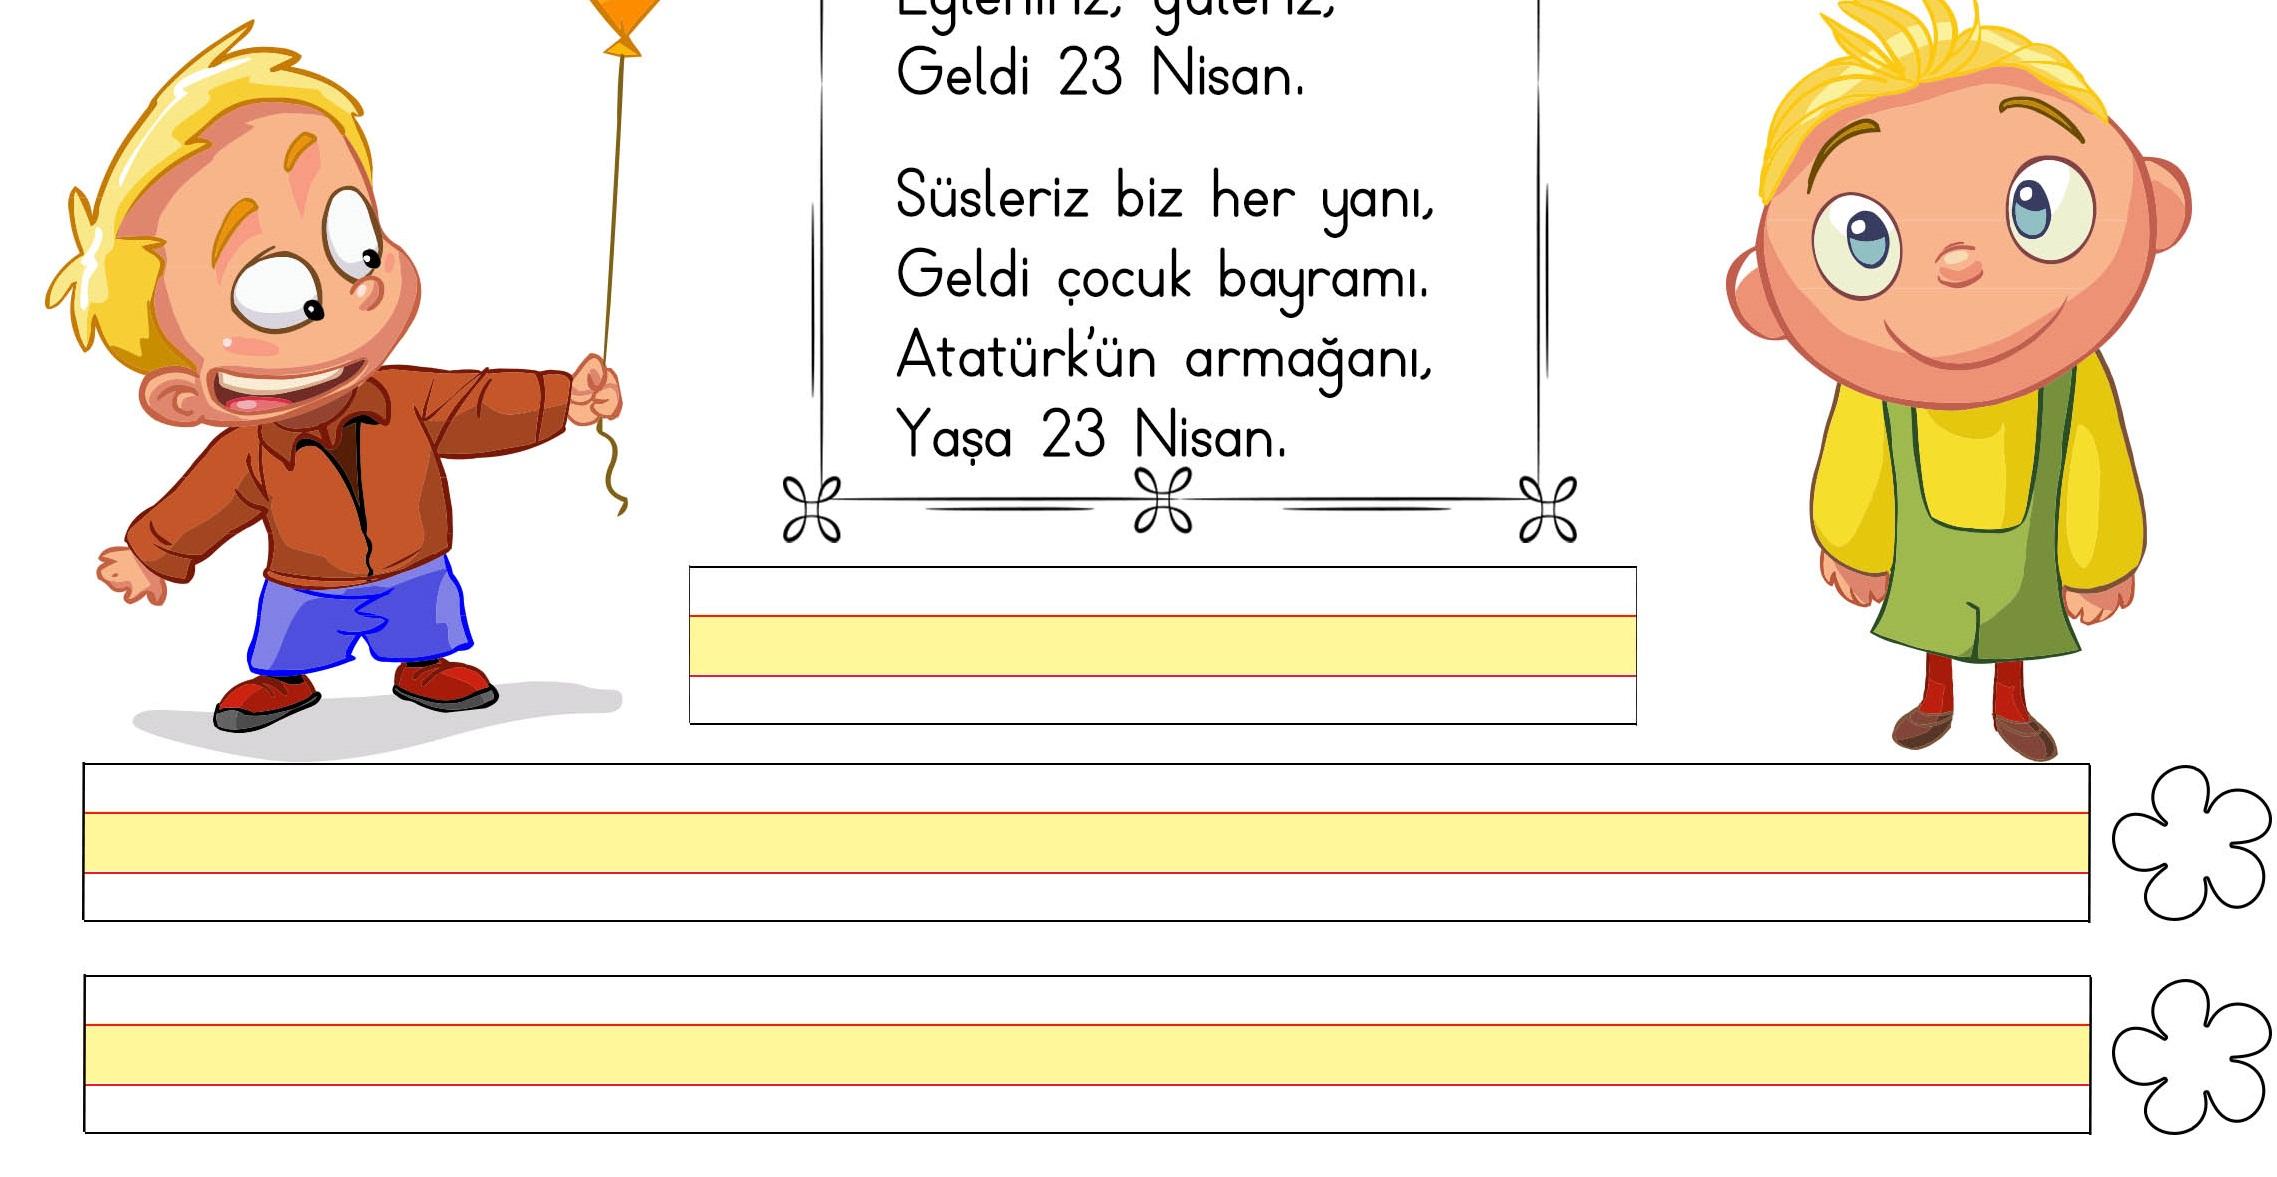 1 Sinif Turkce Oku Yaz Ve Degerlendir Etkinligi 2 23 Nisan